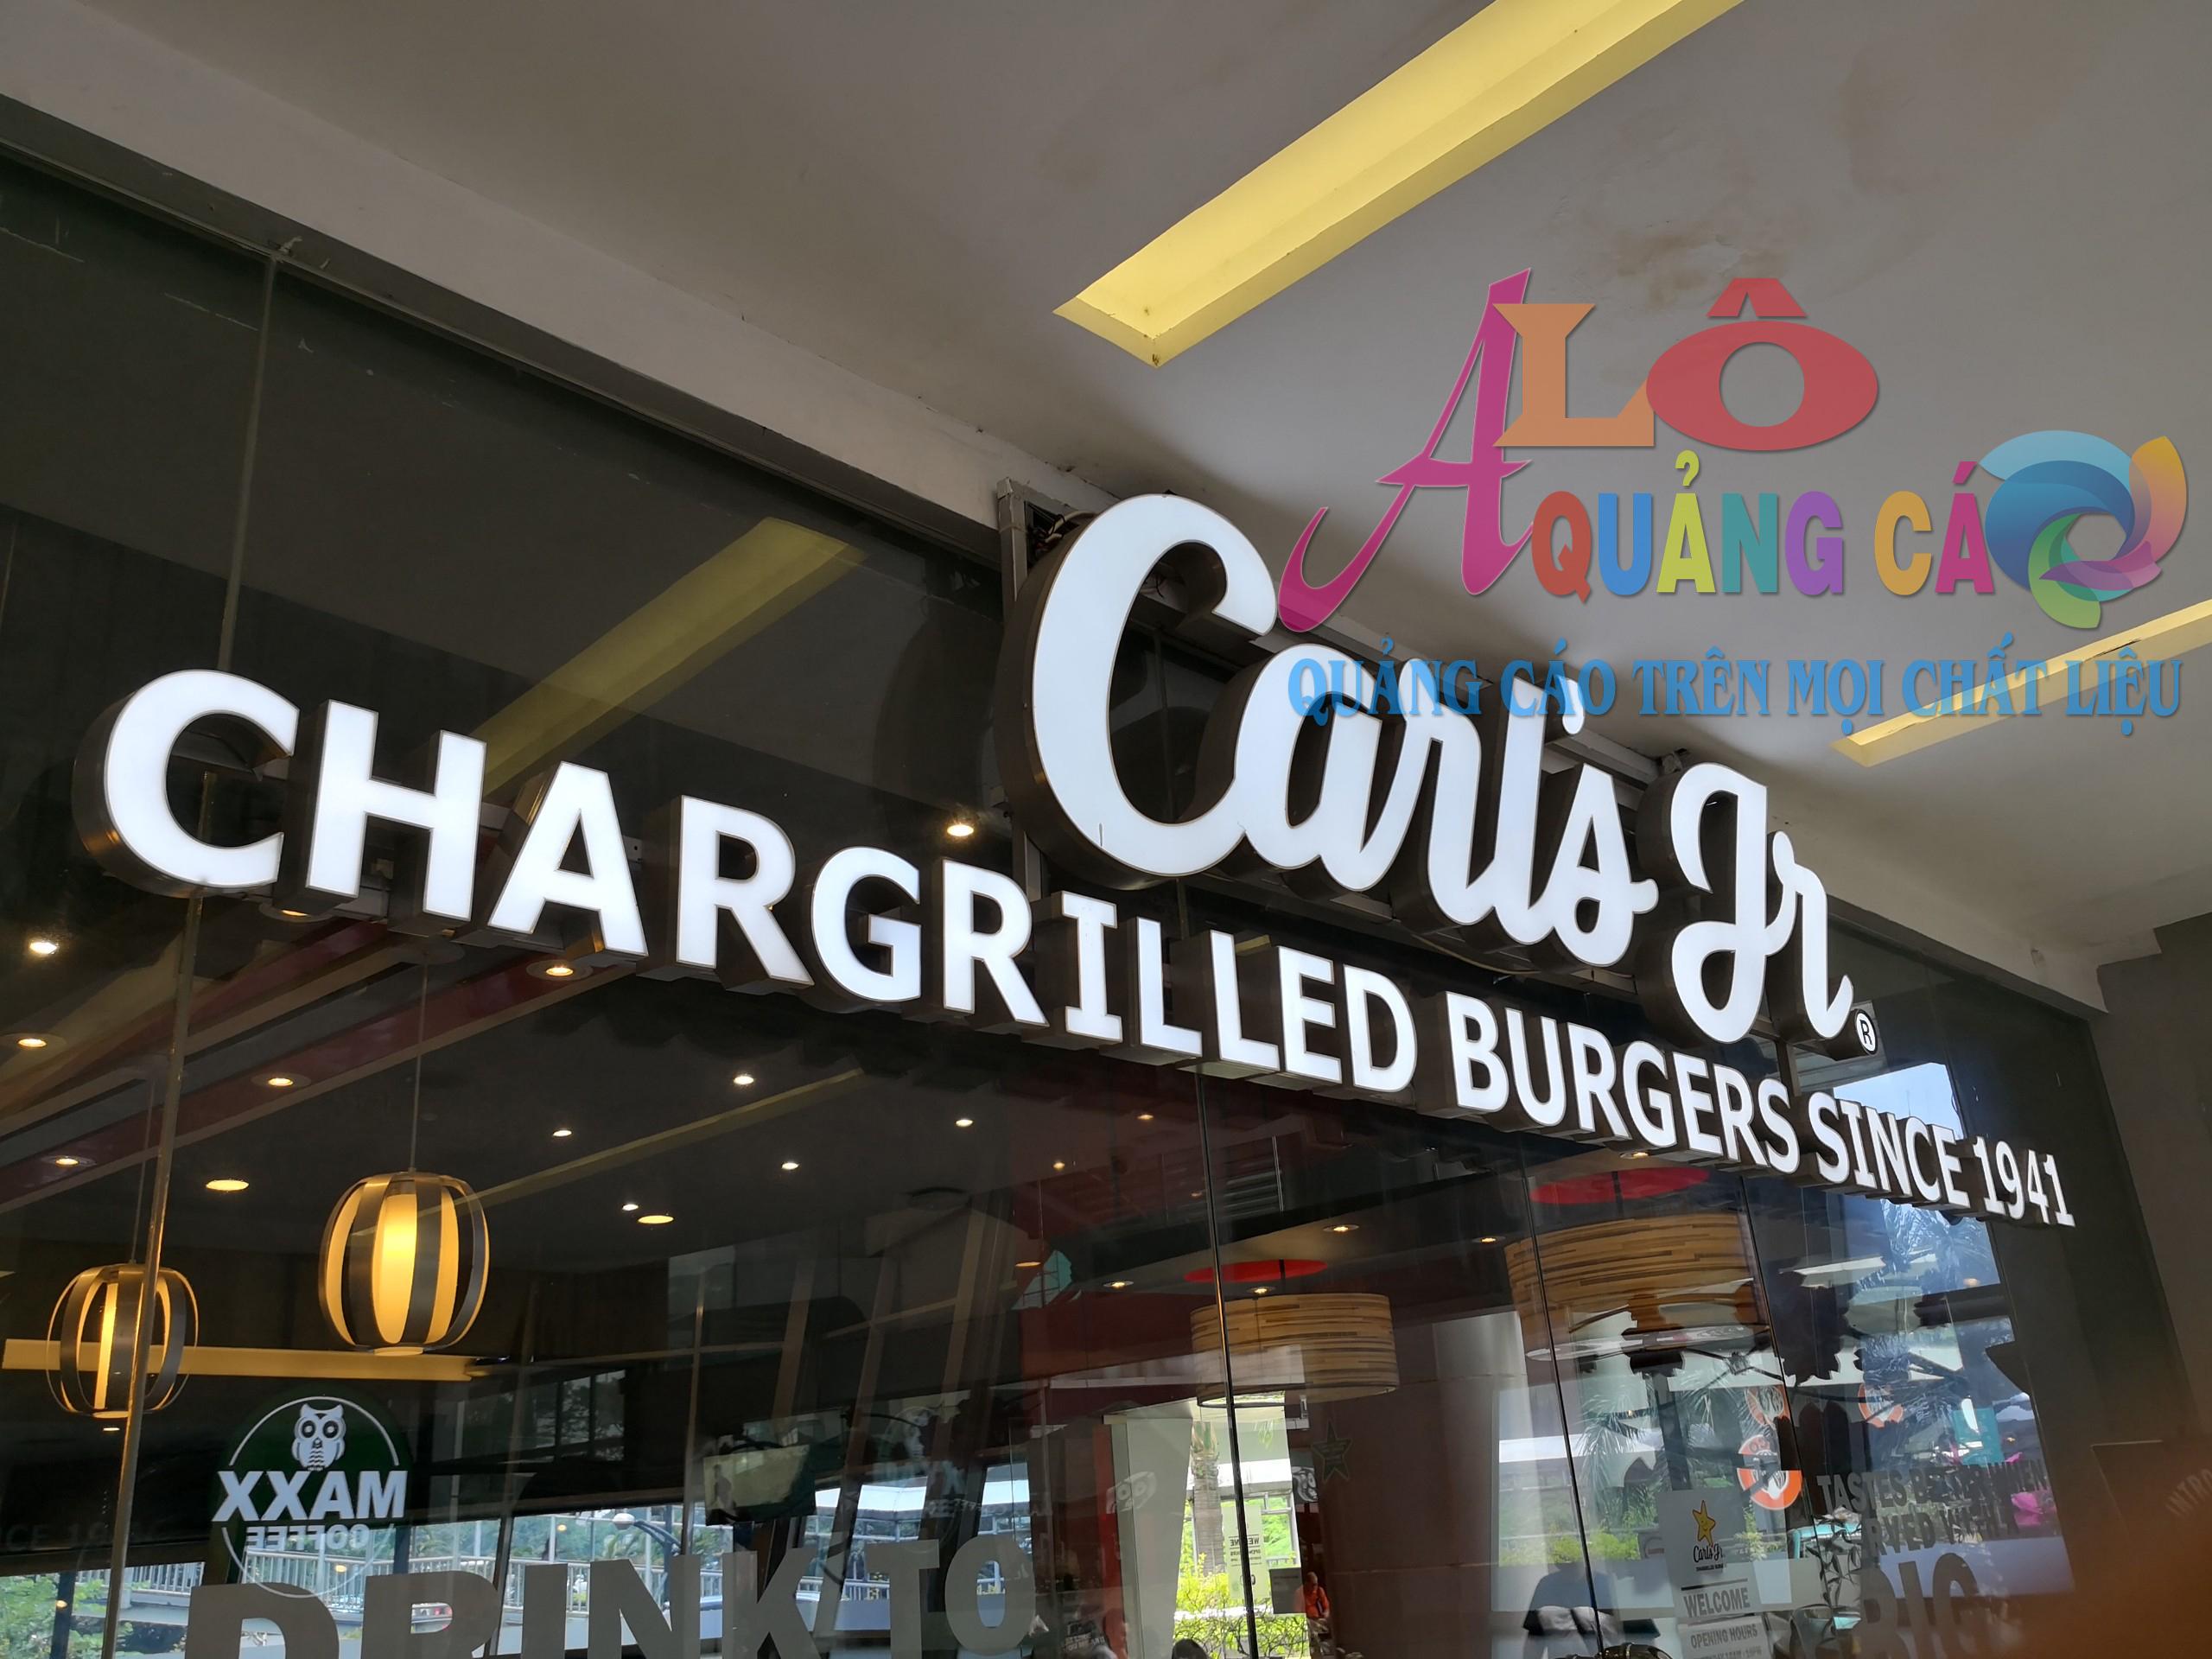 Carls đơn giản với chữ nổi mica led sáng mặt chữ không sáng chân